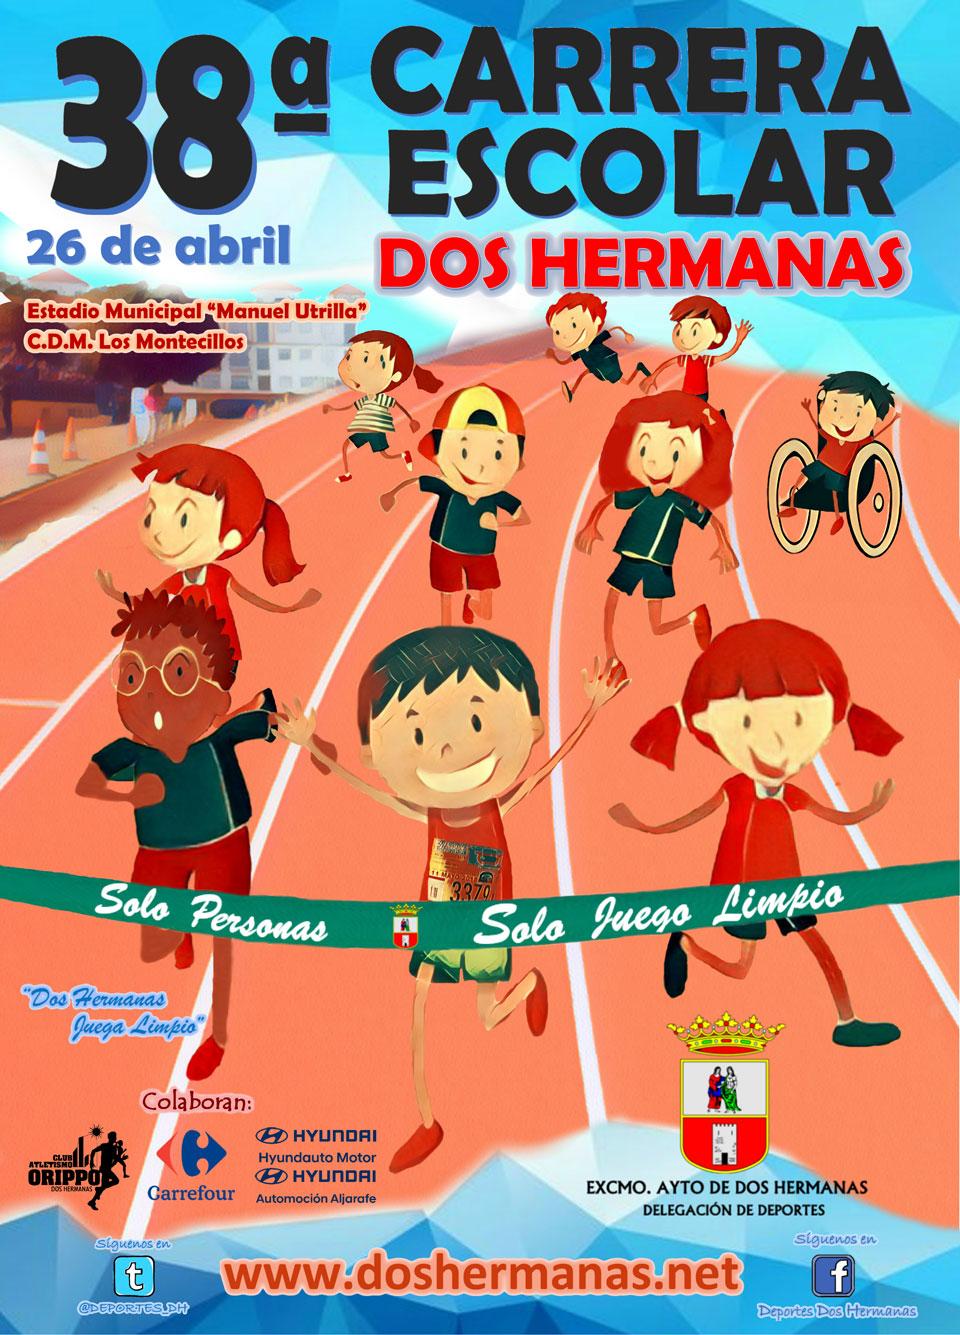 38ª Carrera Escolar 2019